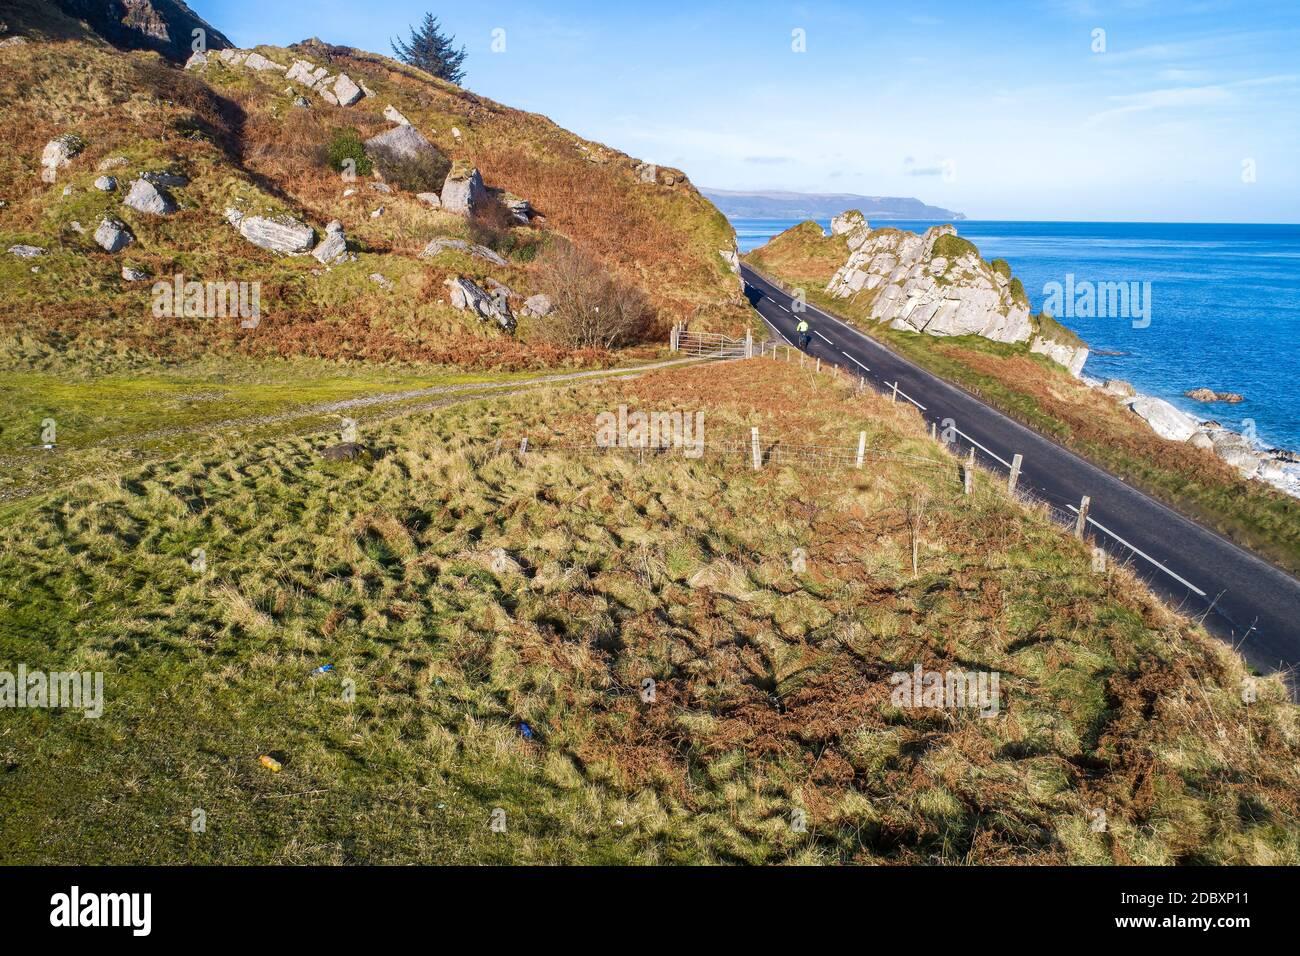 La costa oriental de Irlanda del Norte y la Ruta Costera Causeway con un ciclista. Una de las carreteras costeras más pintorescas de Europa. Vista aérea en invierno Foto de stock